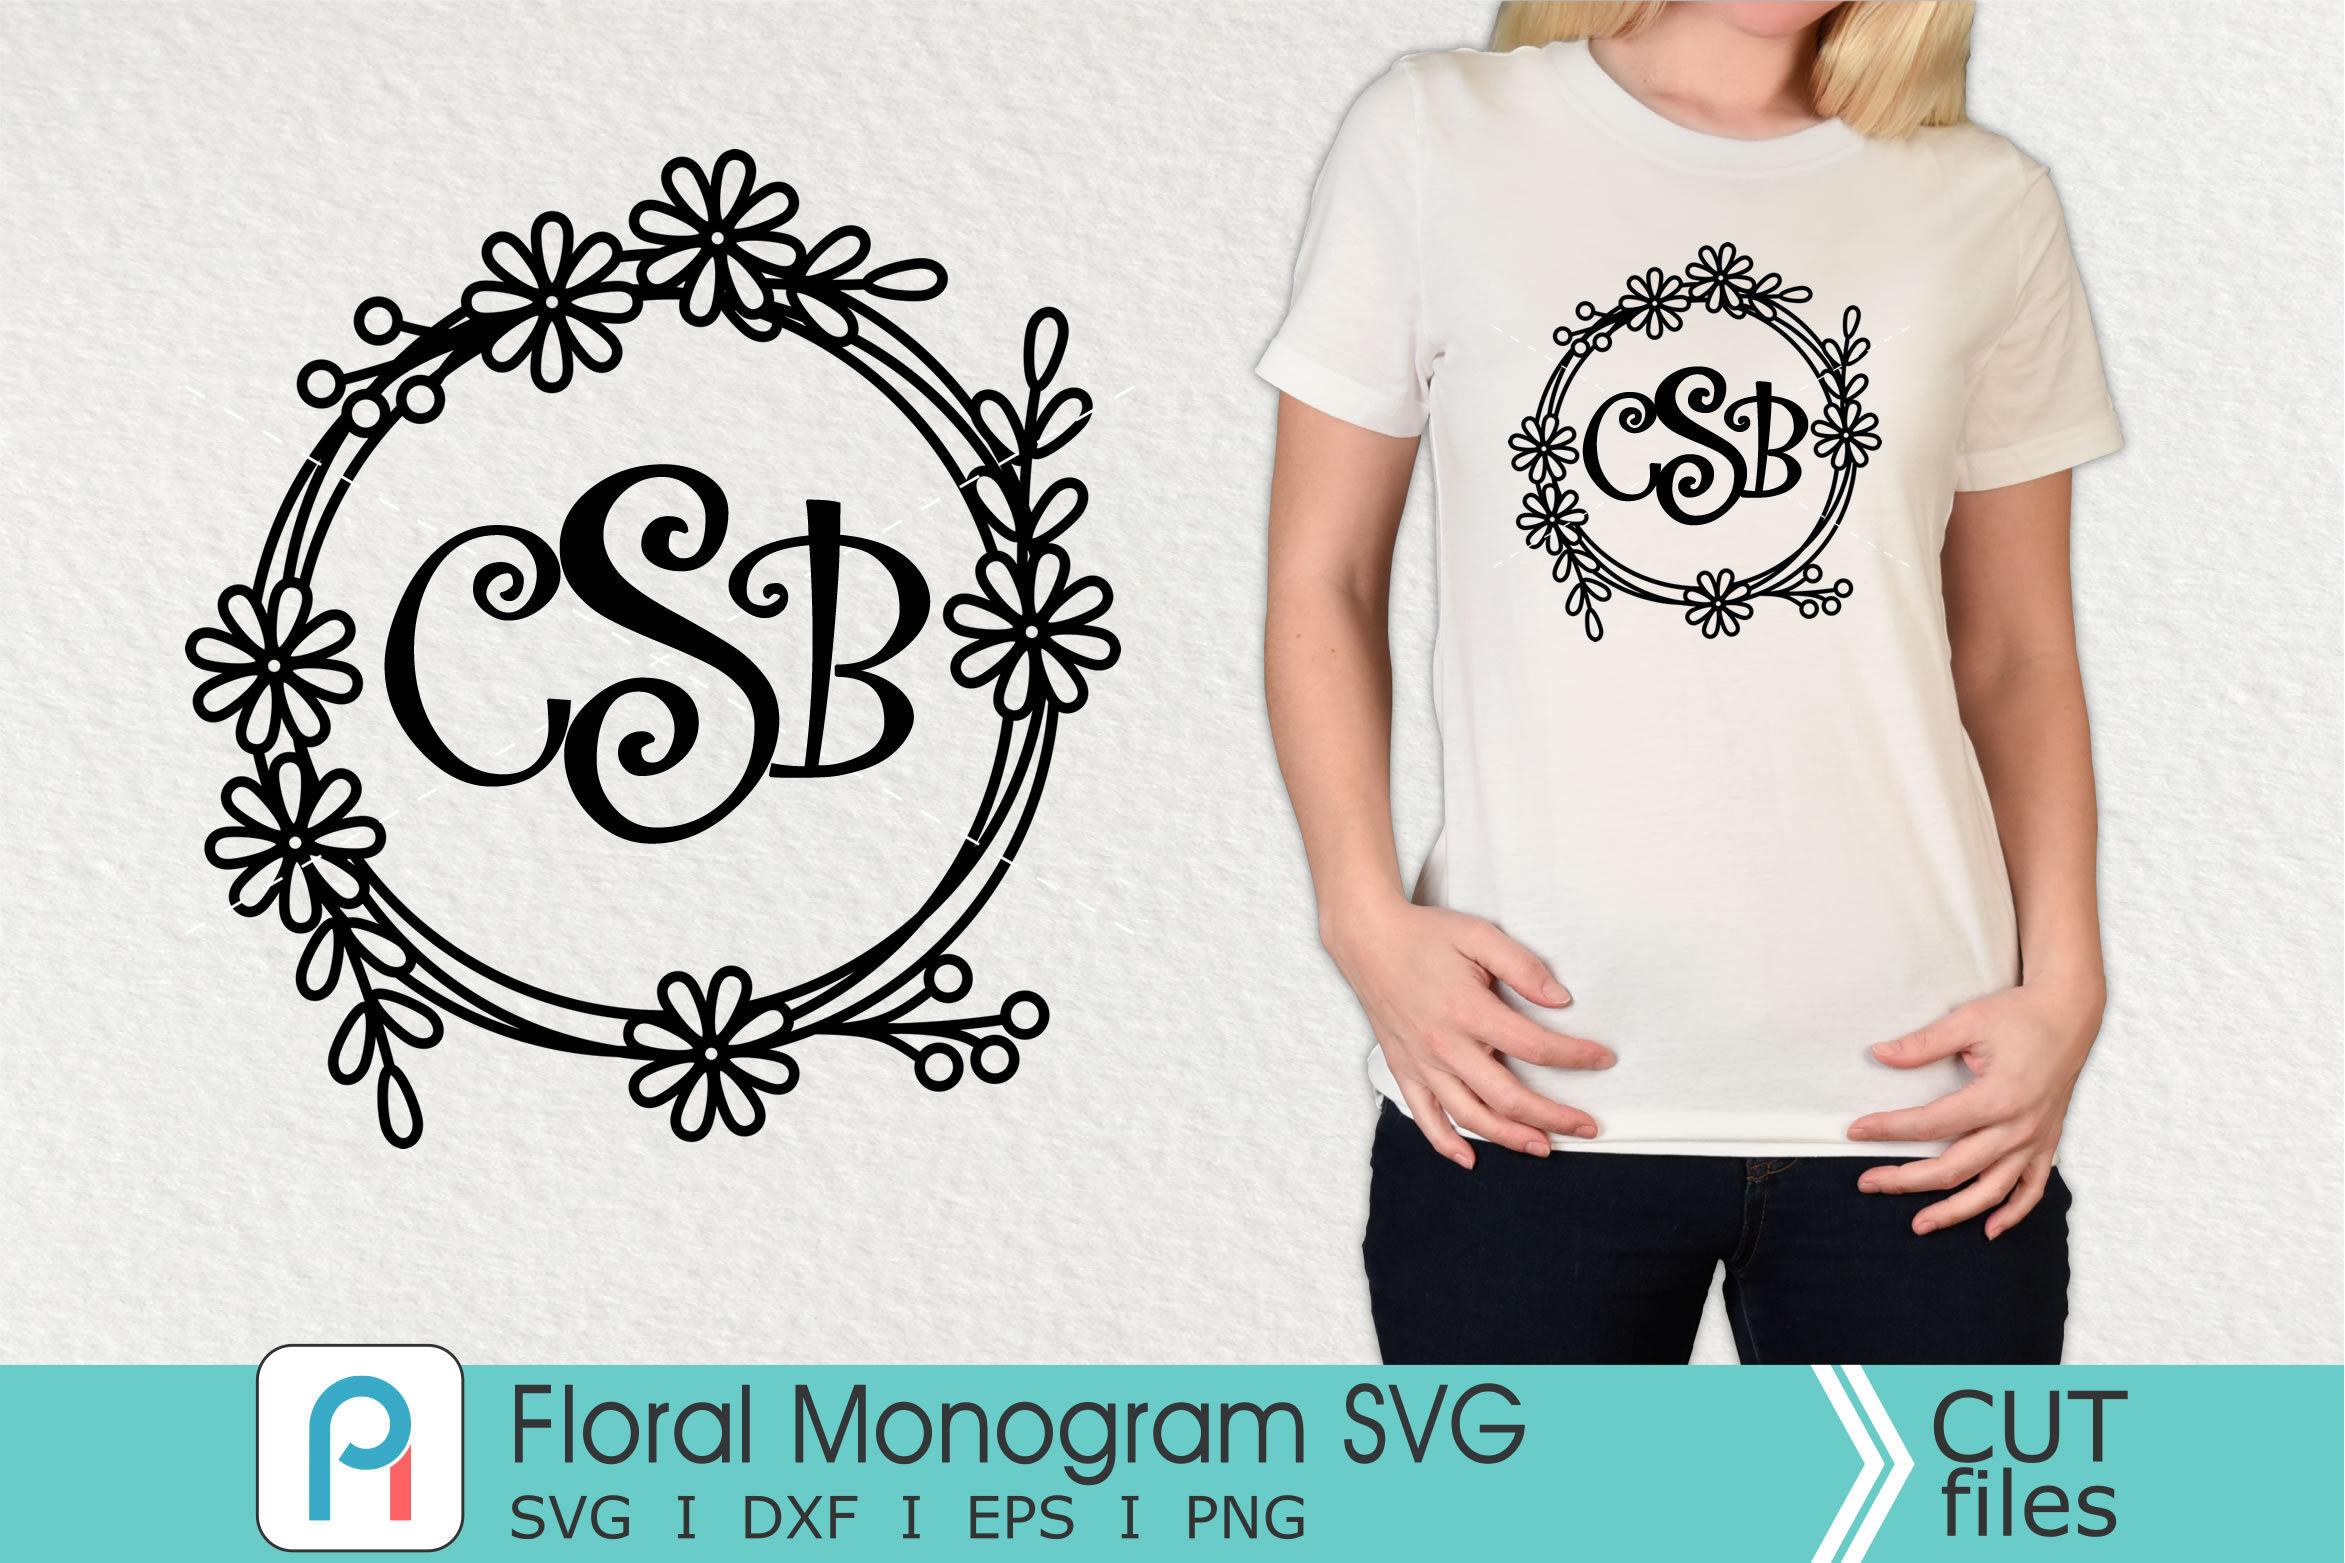 Floral Monogram Svg Floral Svg Floral Clipart By Pinoyart